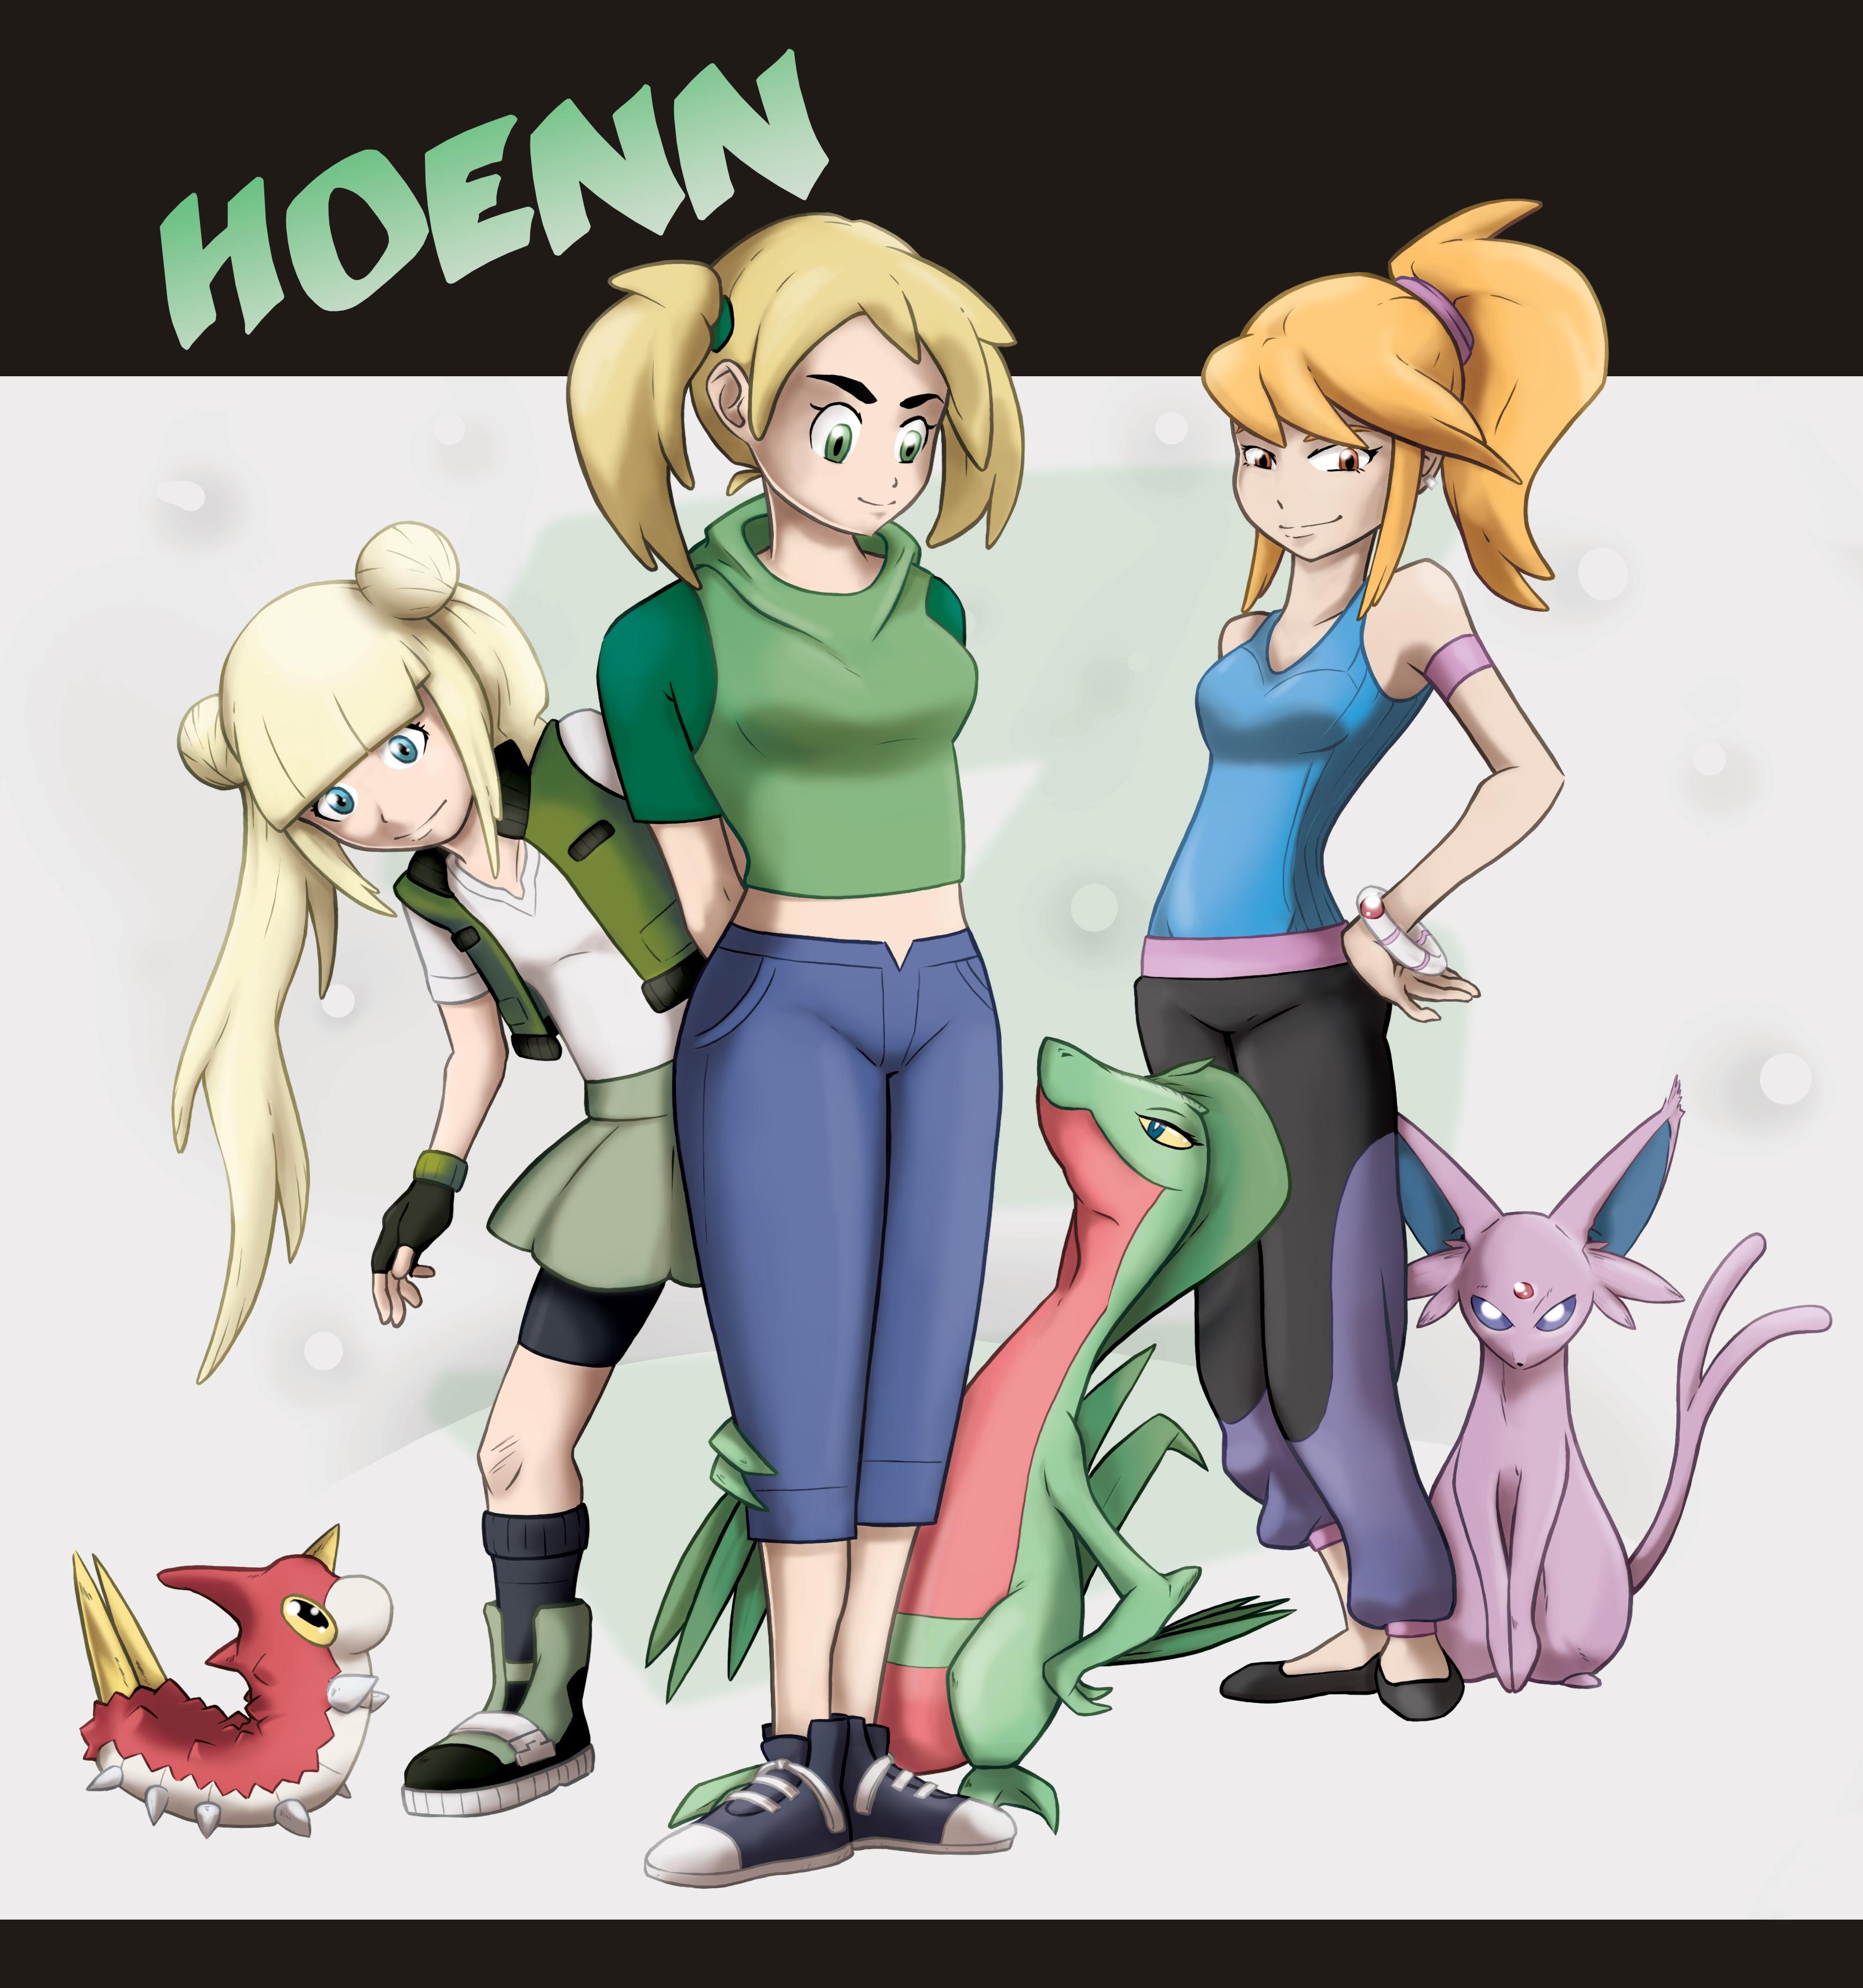 Pokémon - Hoenn